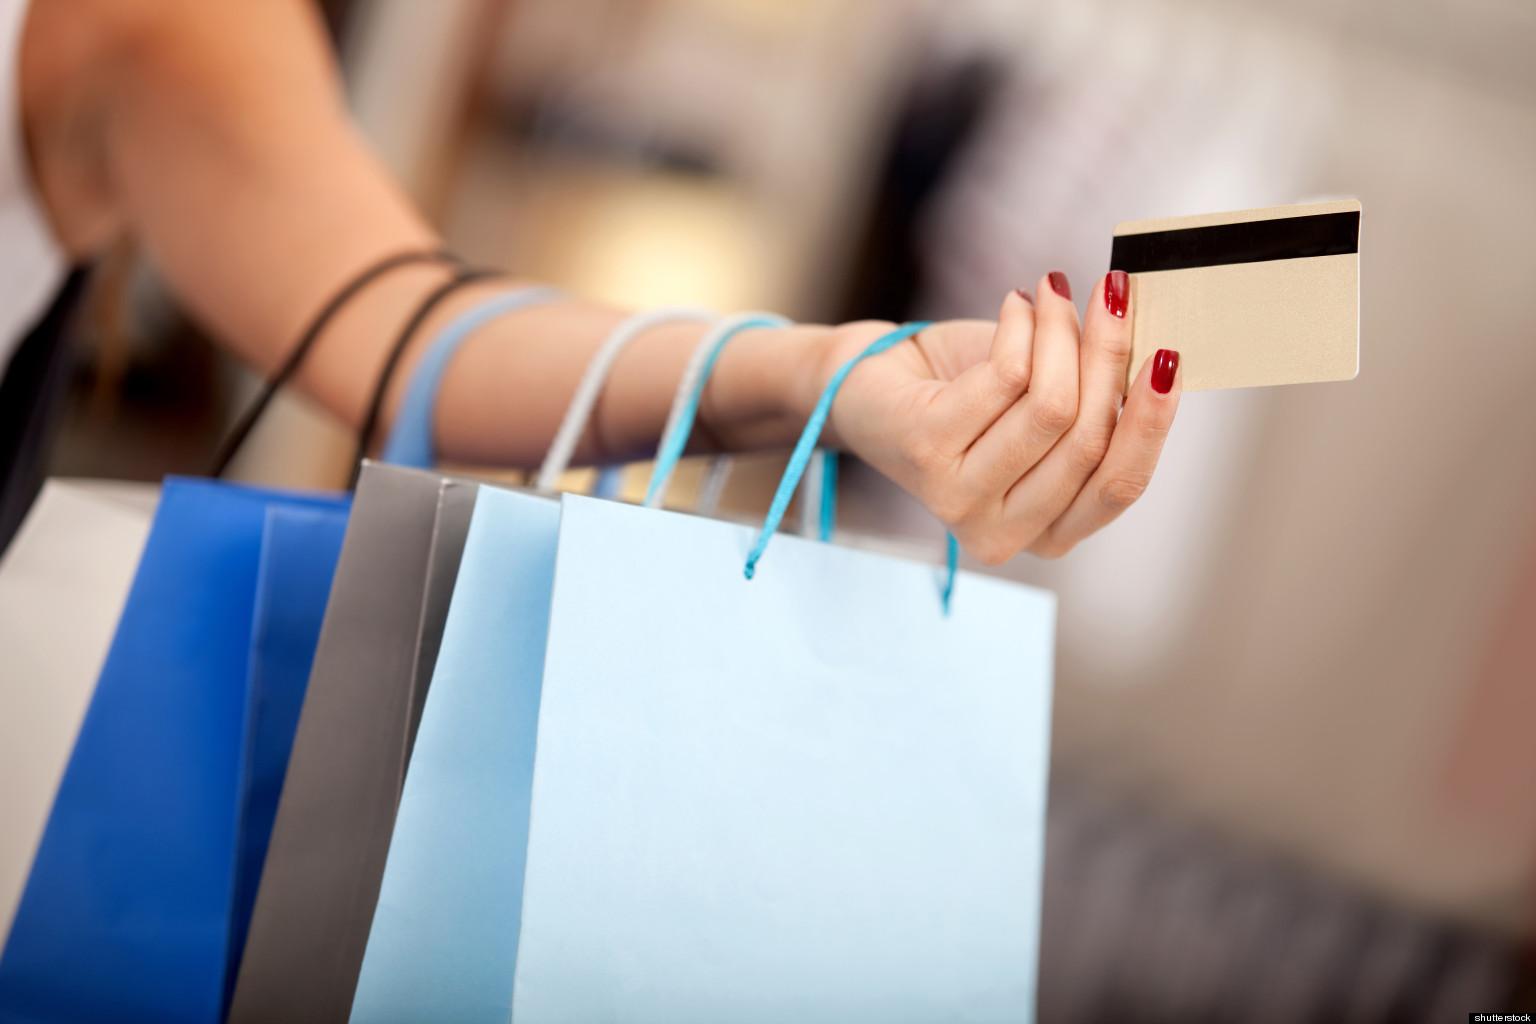 comprar com os pontos do cartão de crédito